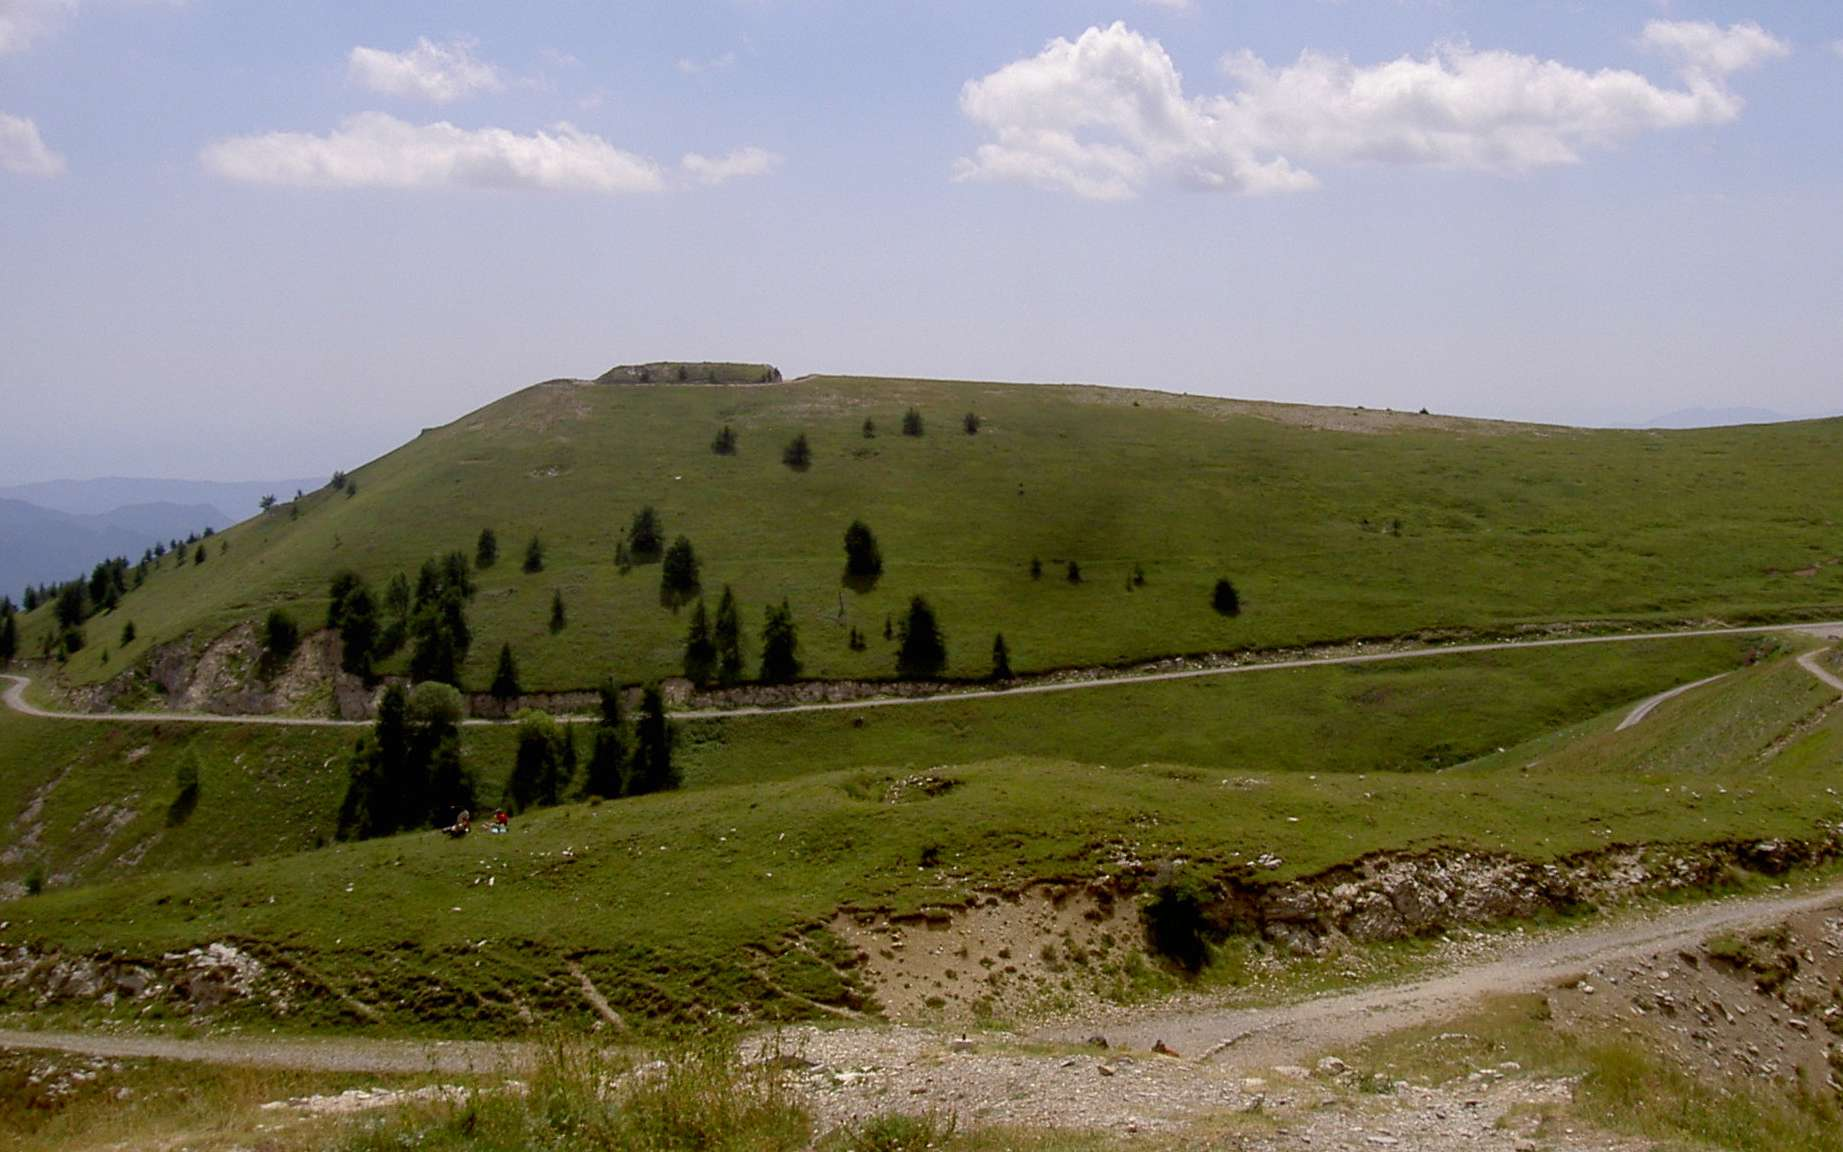 L'armée française gagna la bataille des Alpes en 1940, notamment grâce à la ligne Maginot. © B. Berthoty, Wikimedia Commons, CC by-sa 3.0